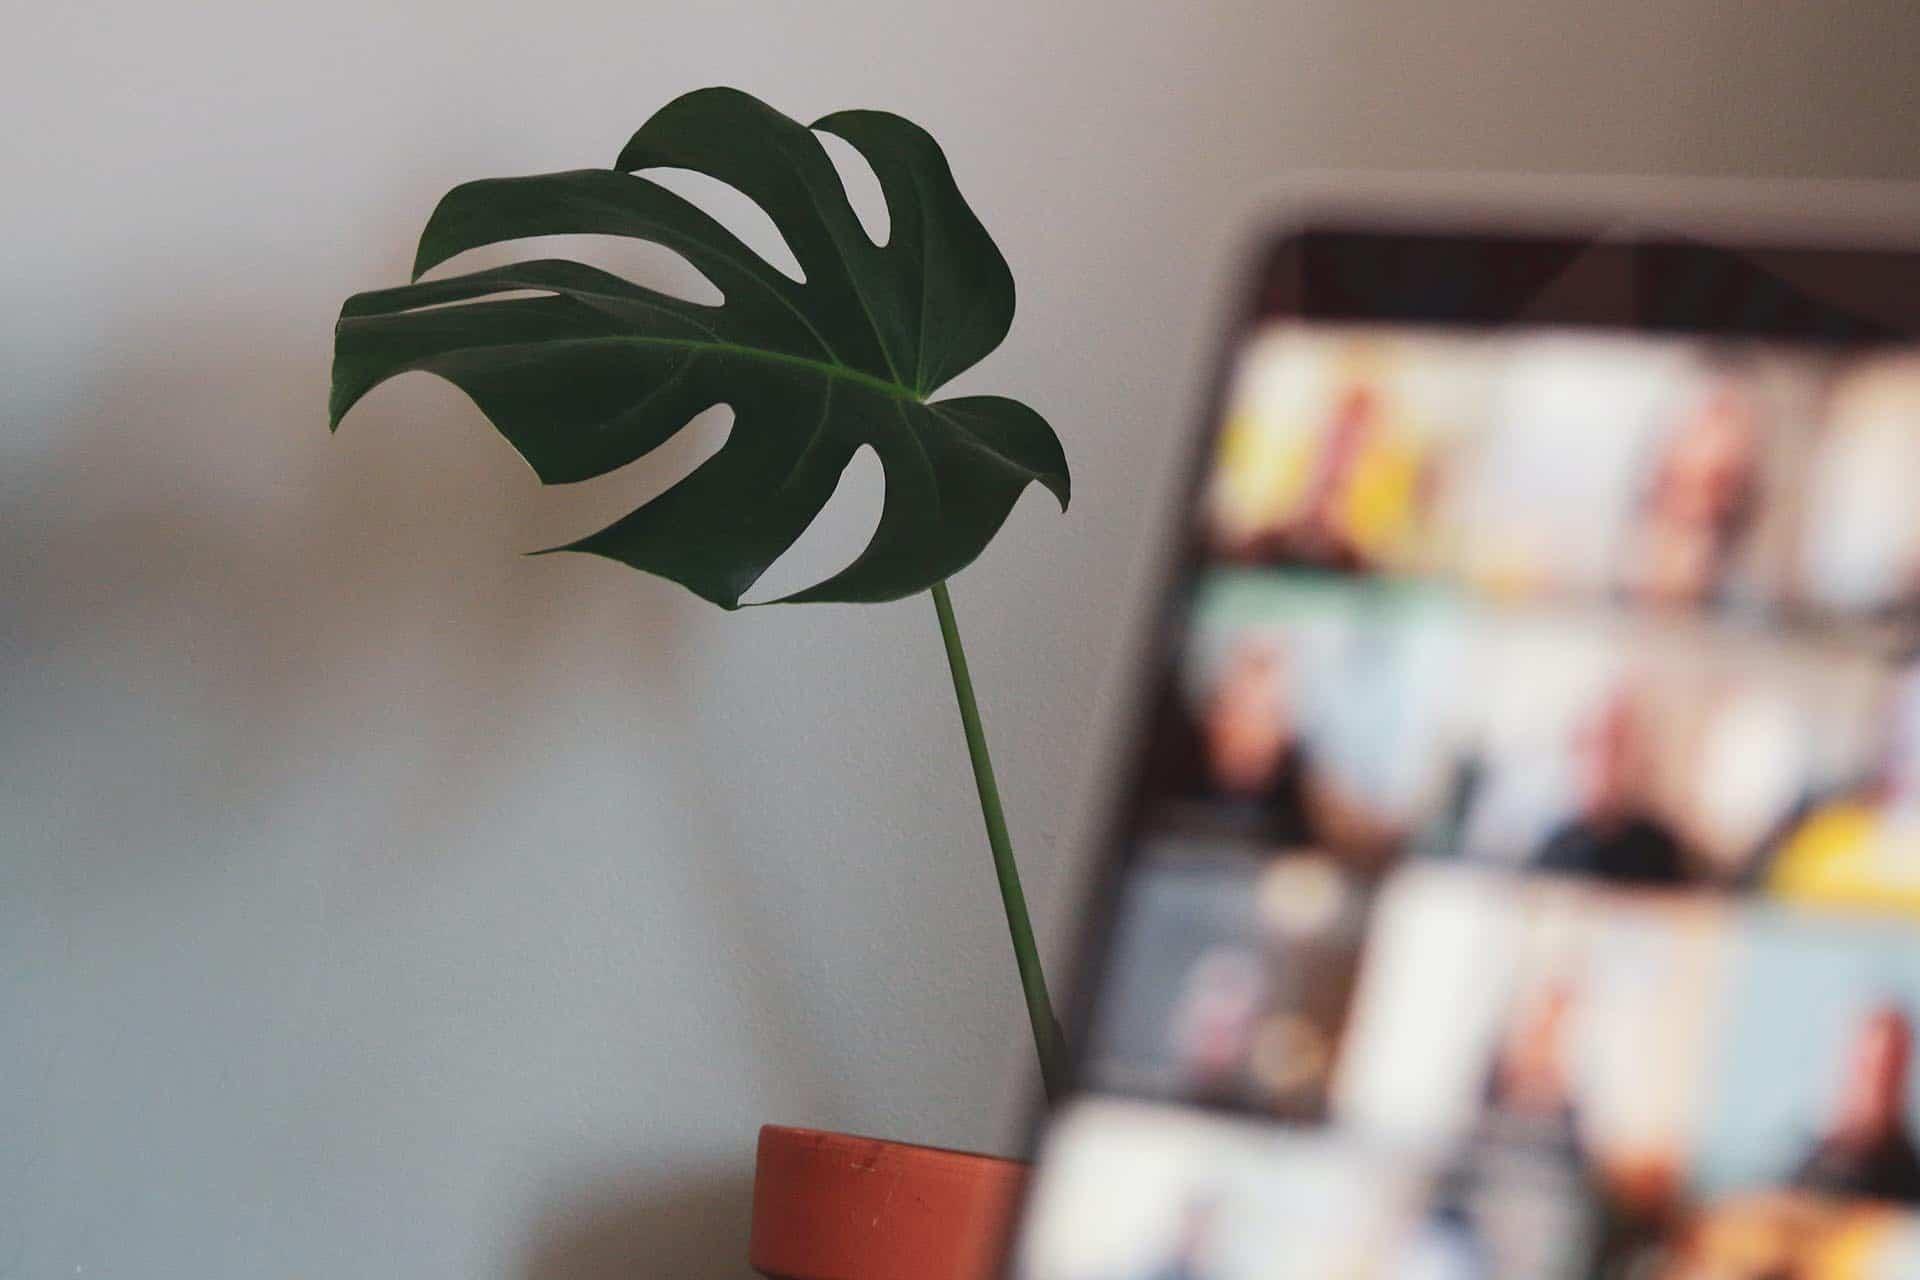 t2informatik Blog: 6 Prinzipien für gute Online-Workshops und -Meetings